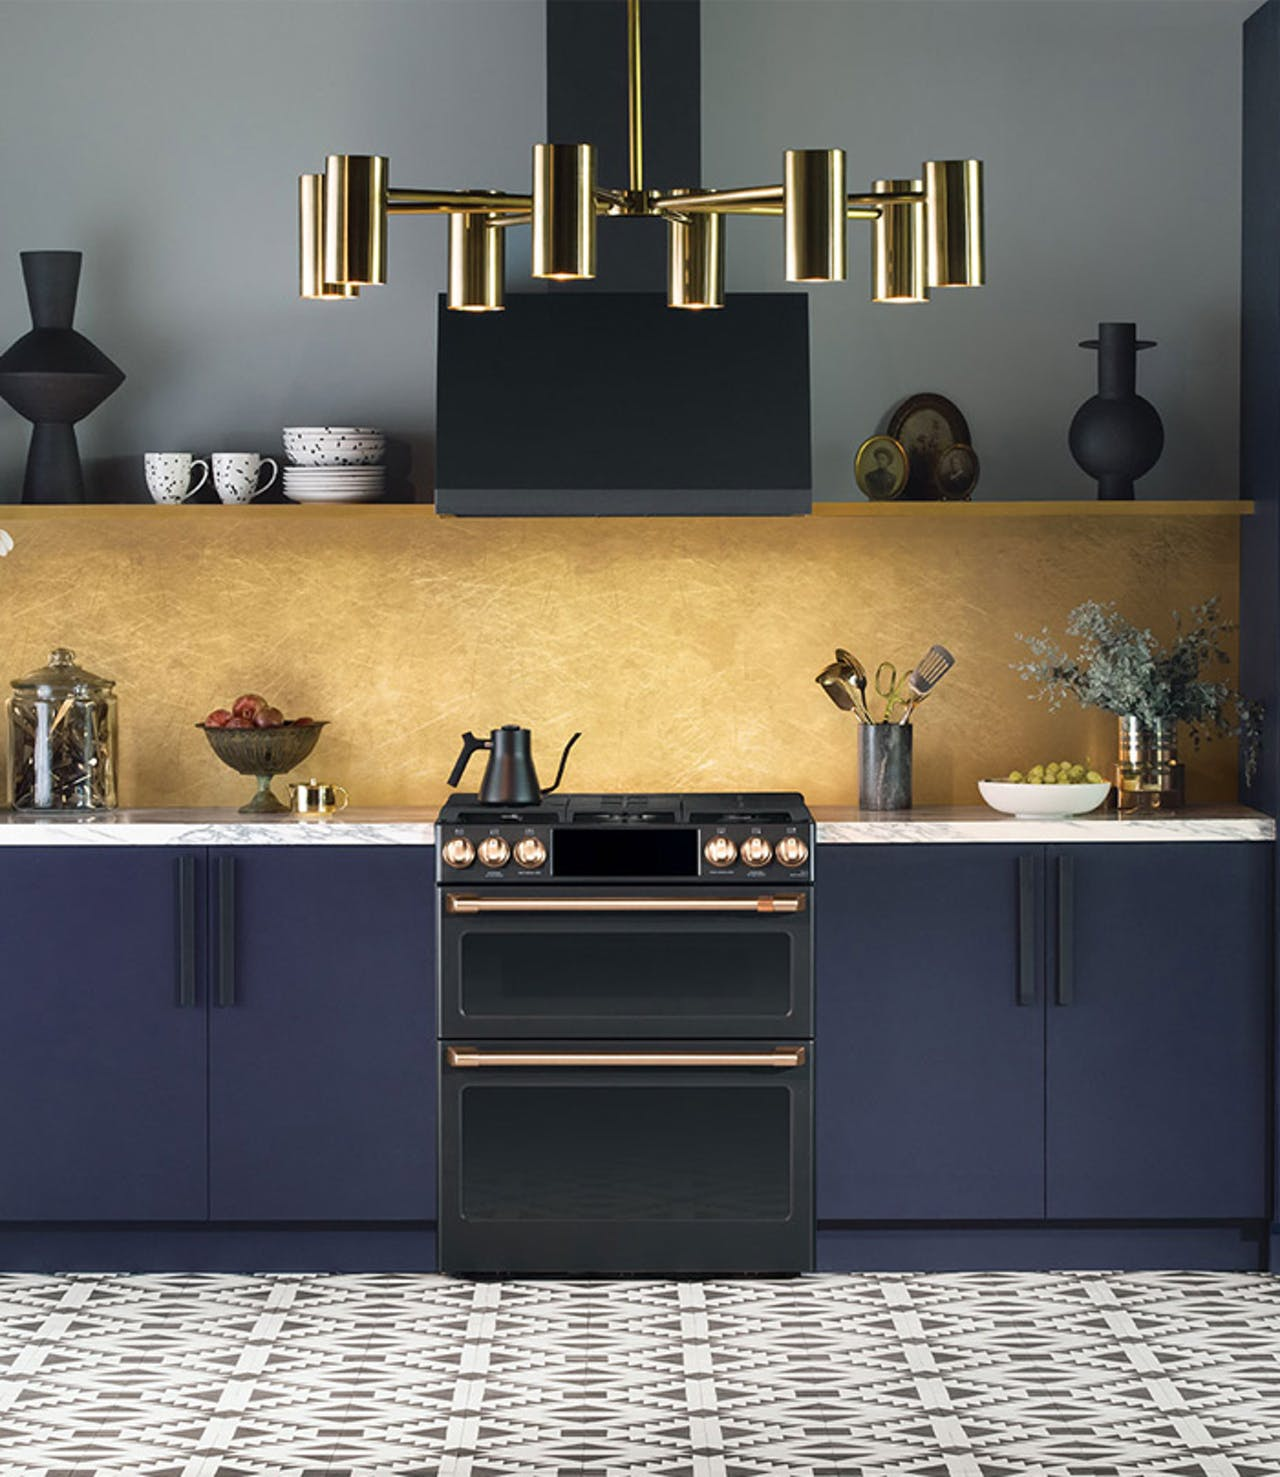 Matte black range in blue cabinets